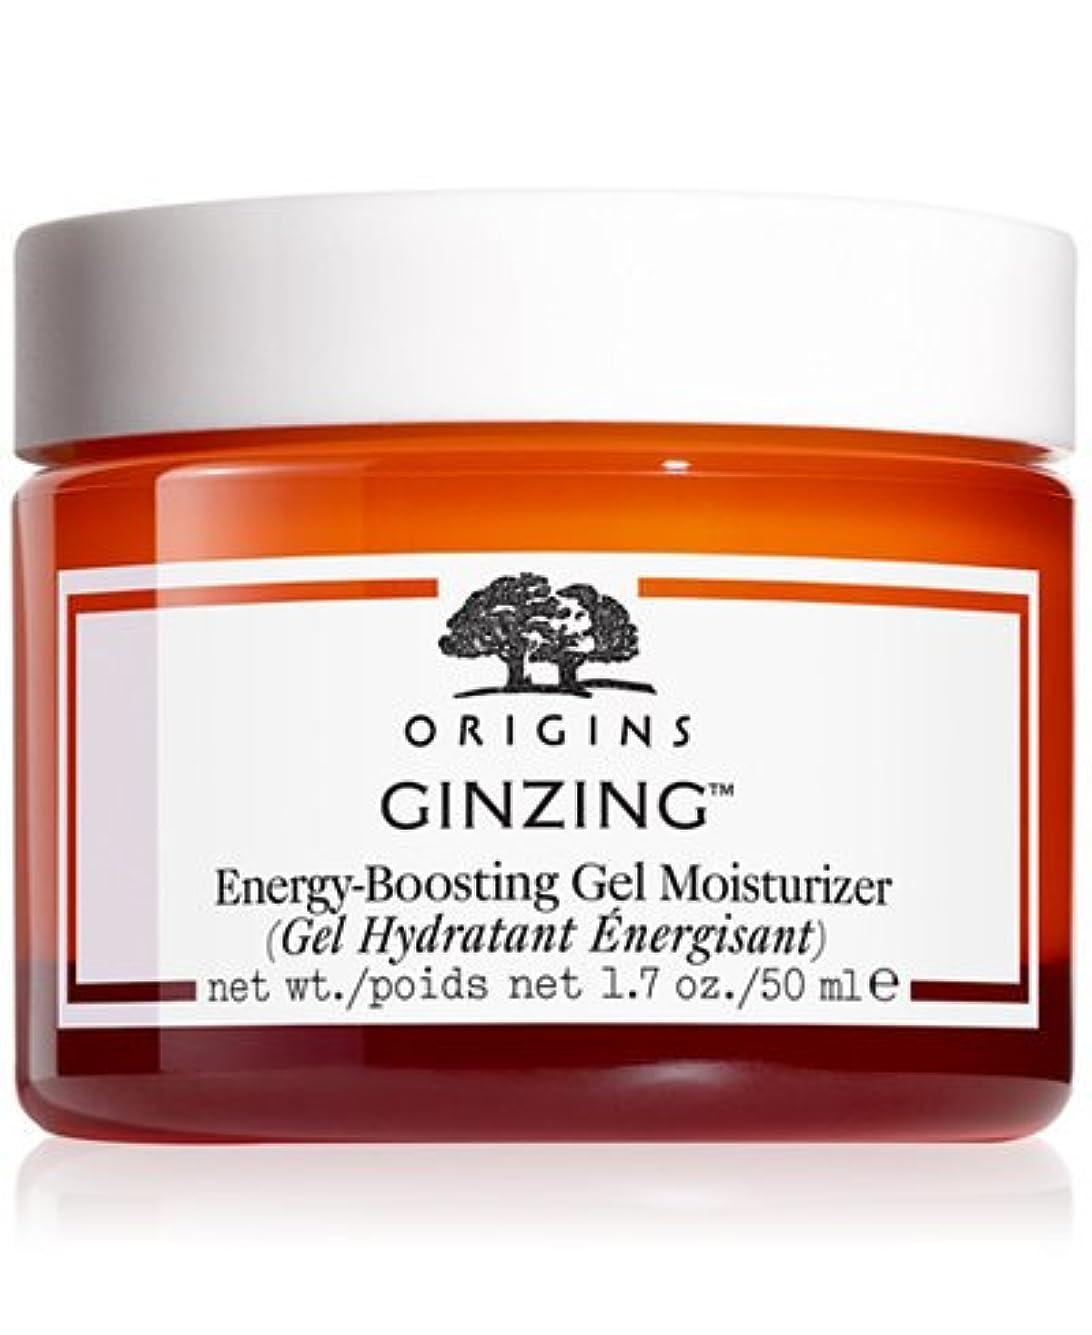 電気技師寄生虫磁石Origins GinZing™ Energy-Boosting Moisturizer (オリジンズ ギンジング エナジー ブースティング モイスチャライザー) 1.7 oz (50ml) for Women